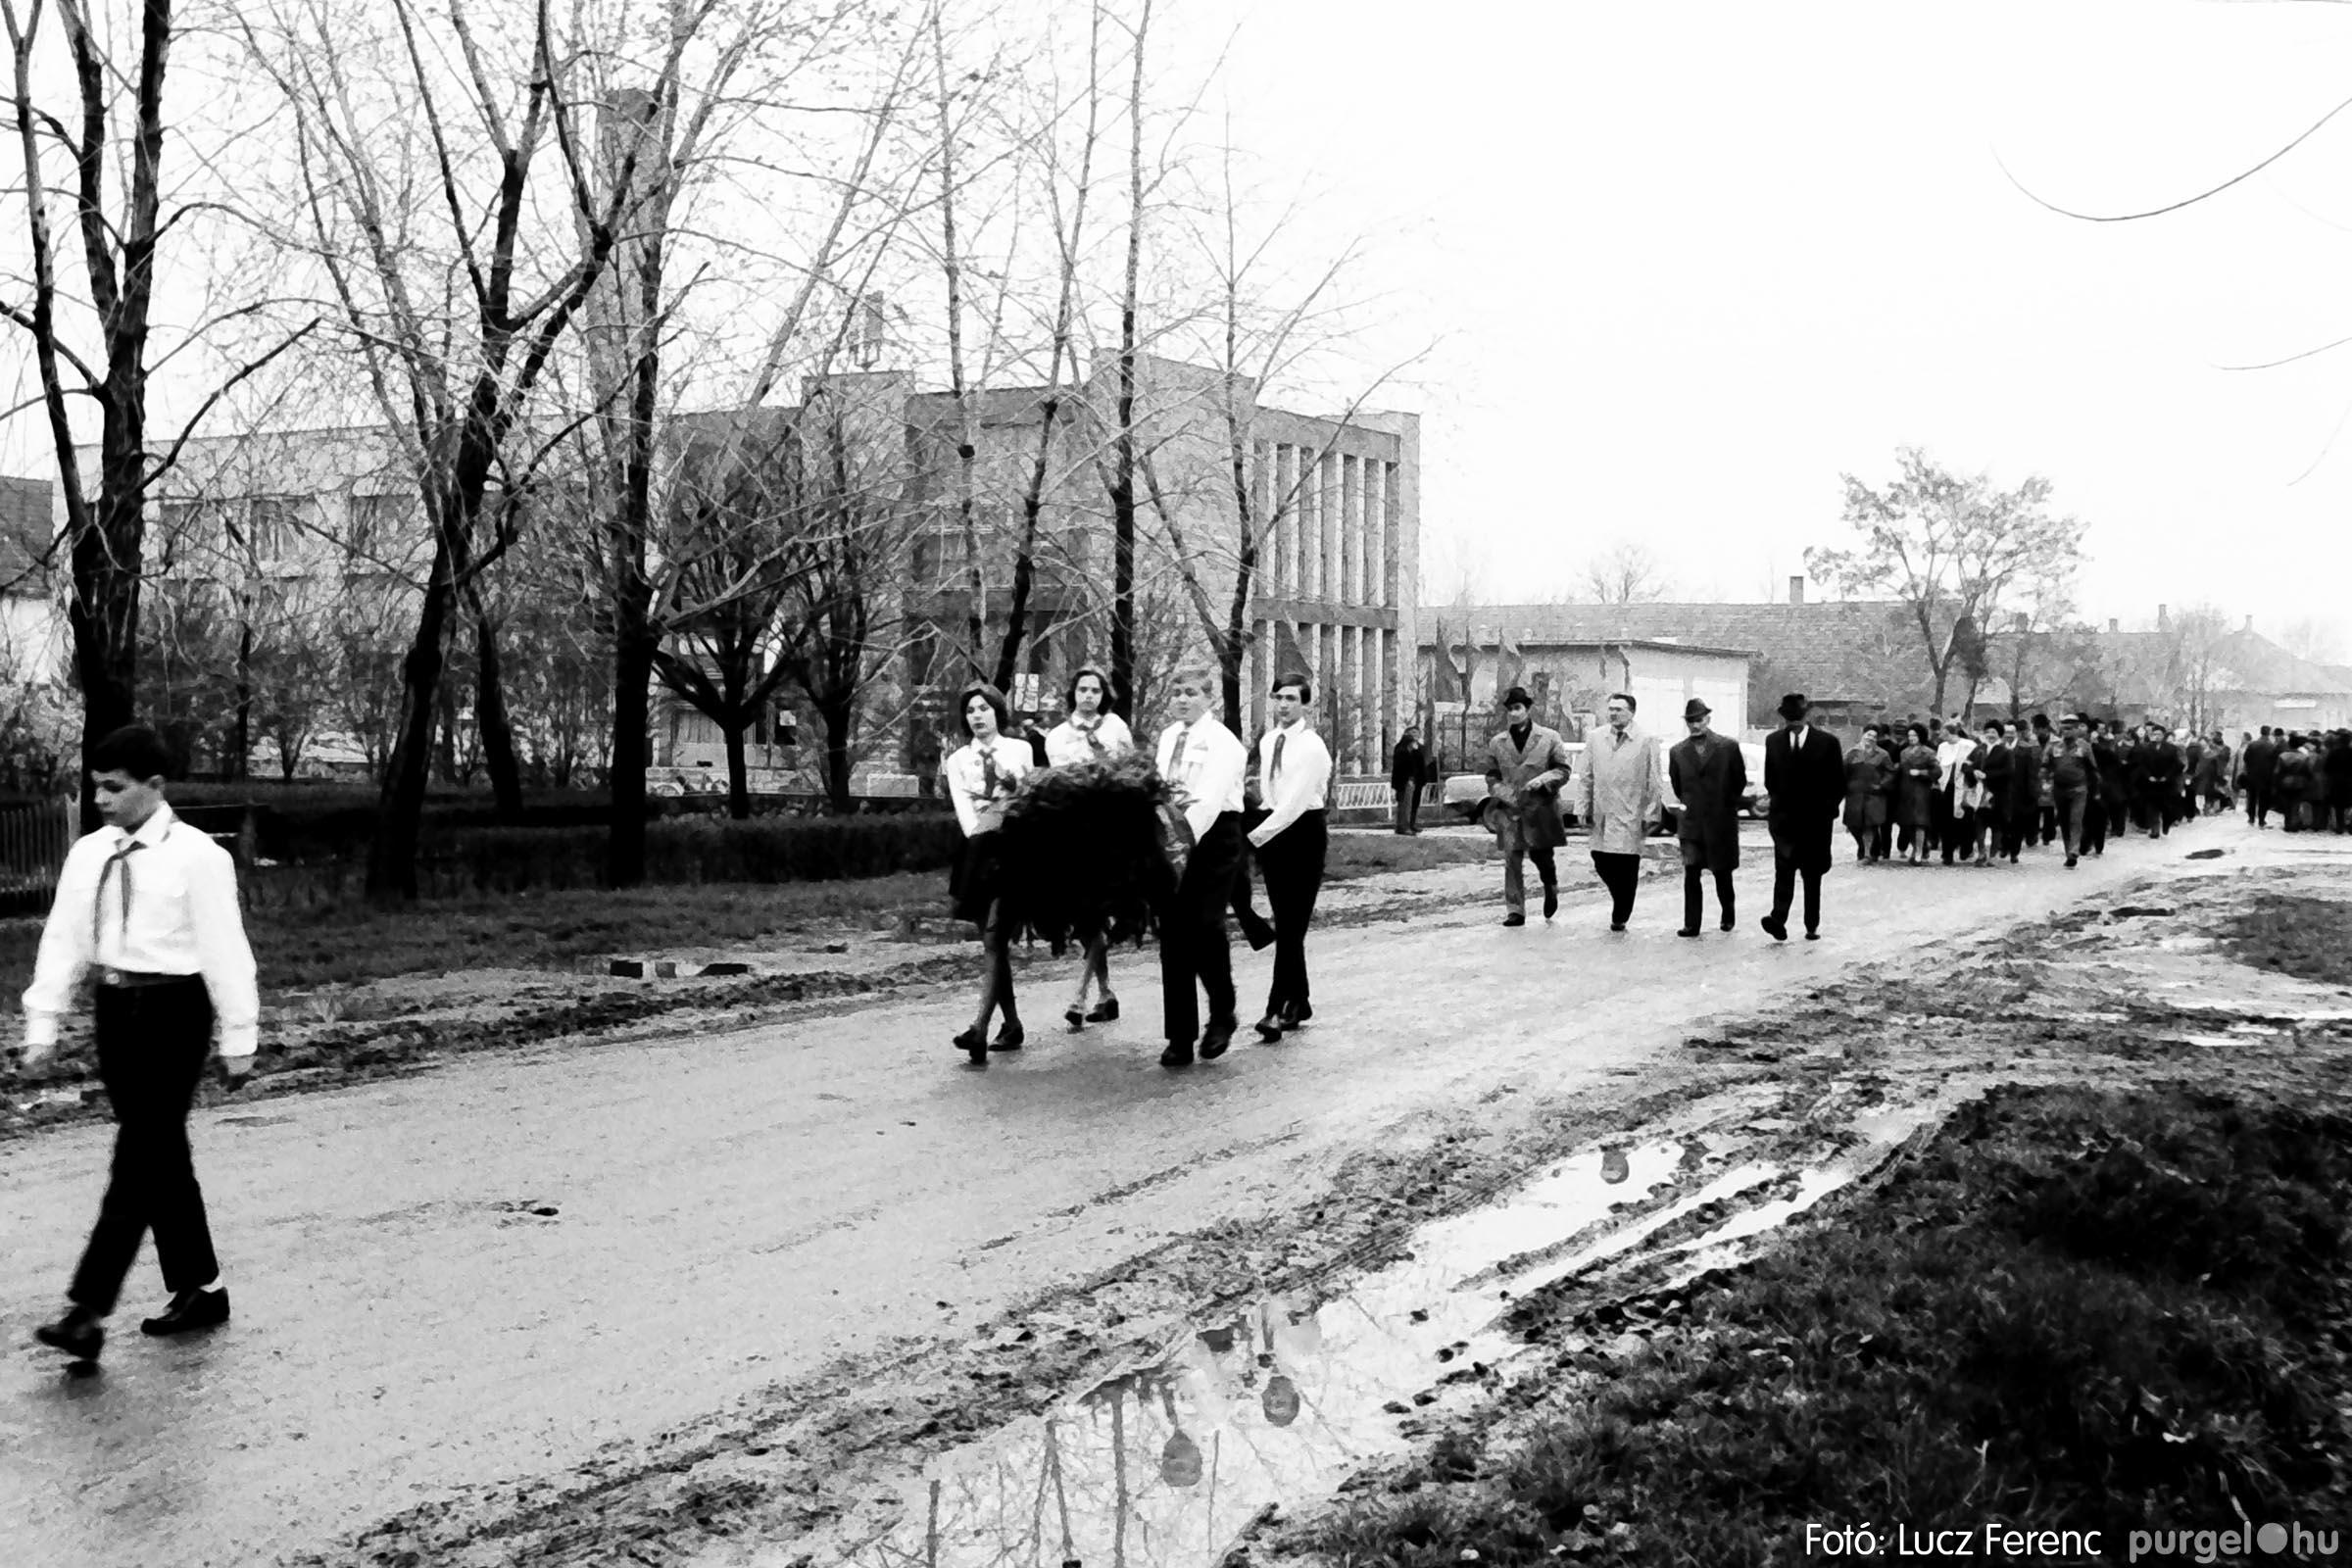 008 1975.04.04. Április 4-i ünnepség 005 - Fotó: Lucz Ferenc IMG00128q.jpg